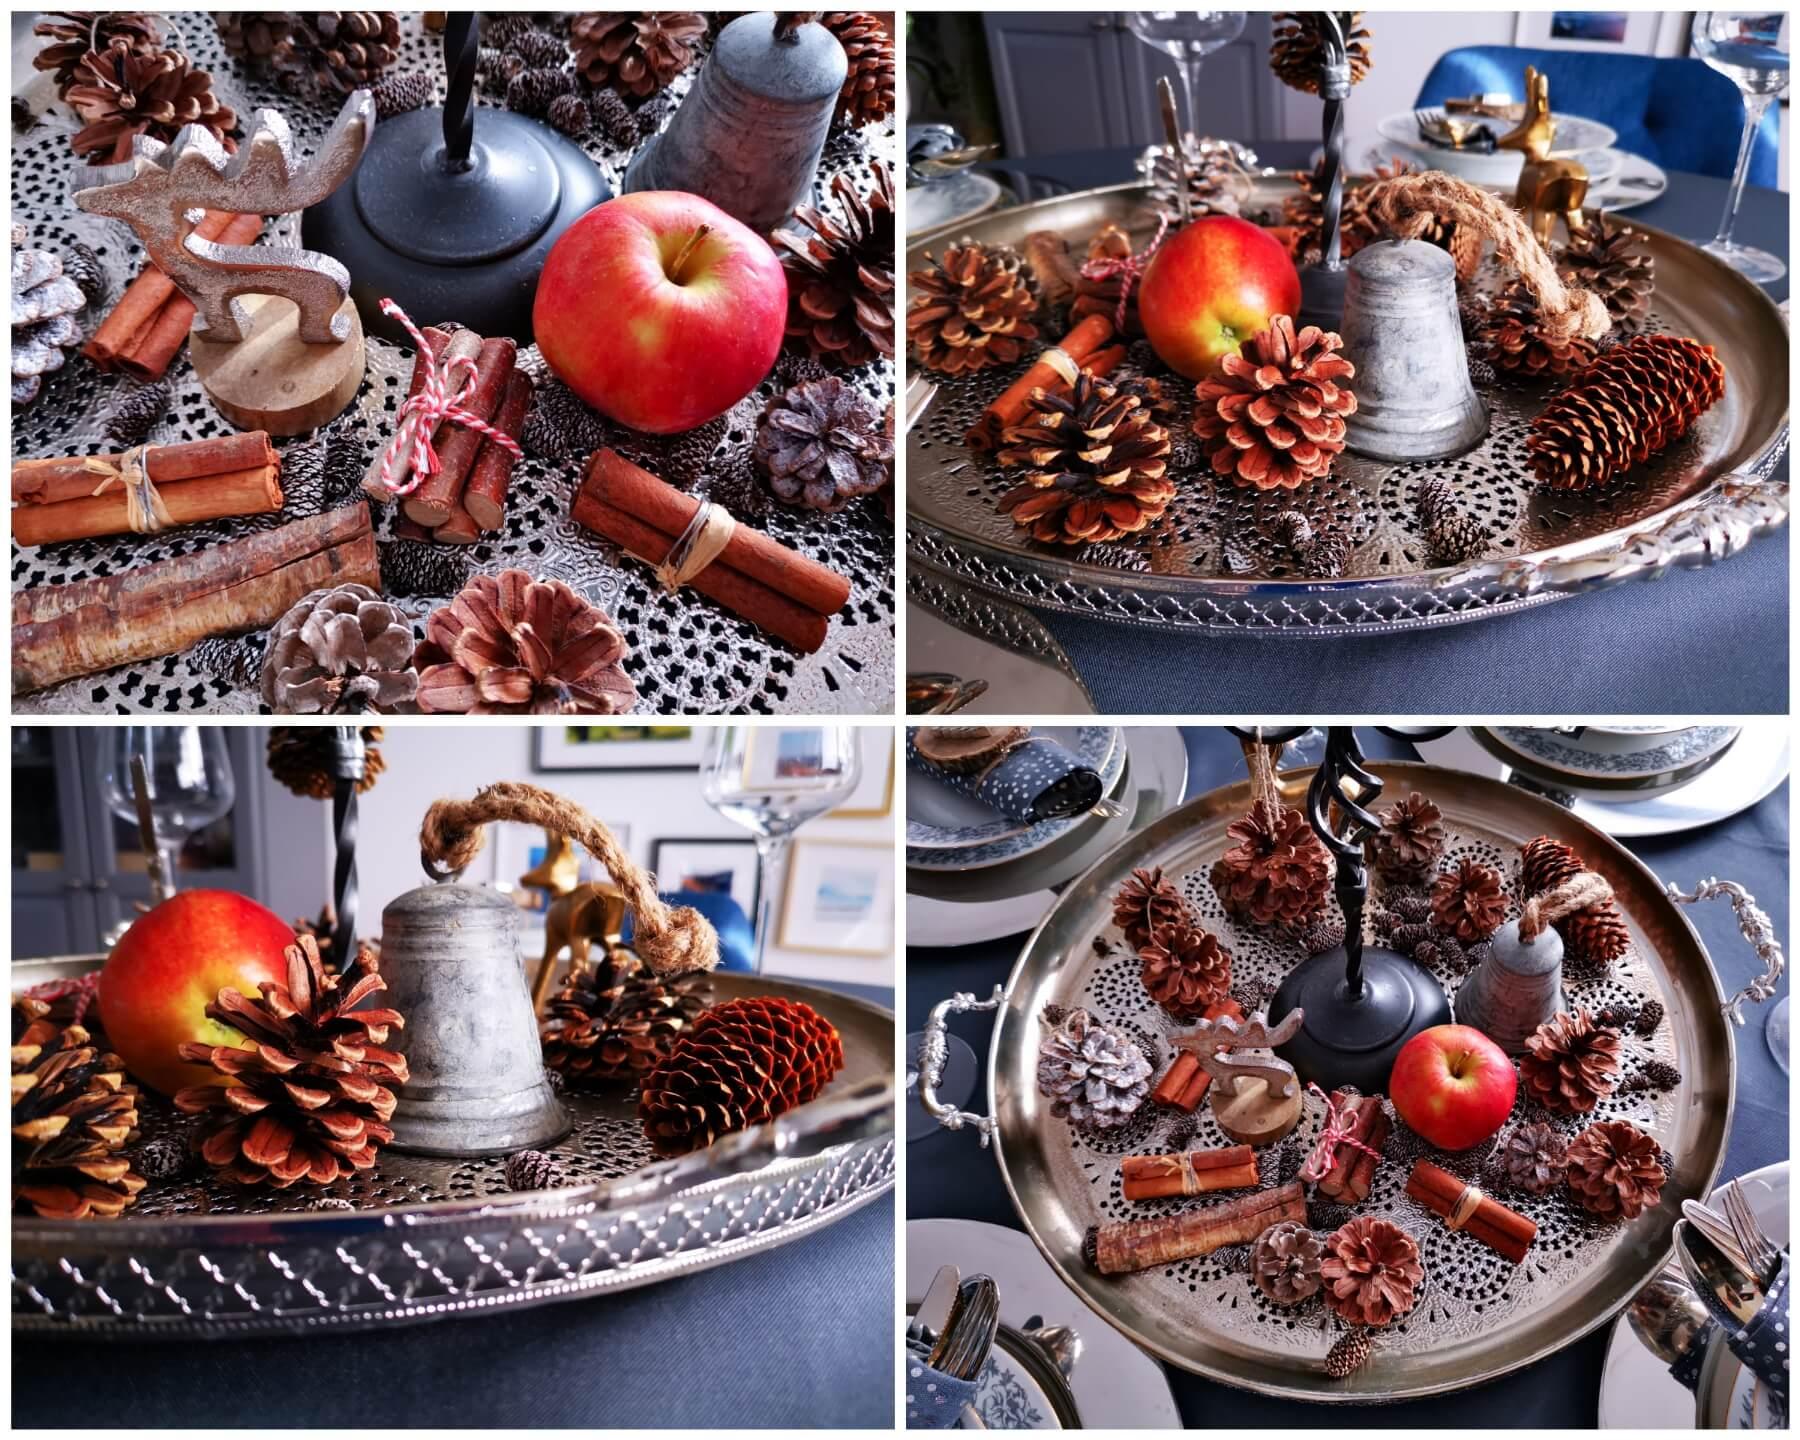 inCollage 20191201 202401281 resized 20191201 082732585 - Inšpirácia na krásne vyzdobený vianočný stôl